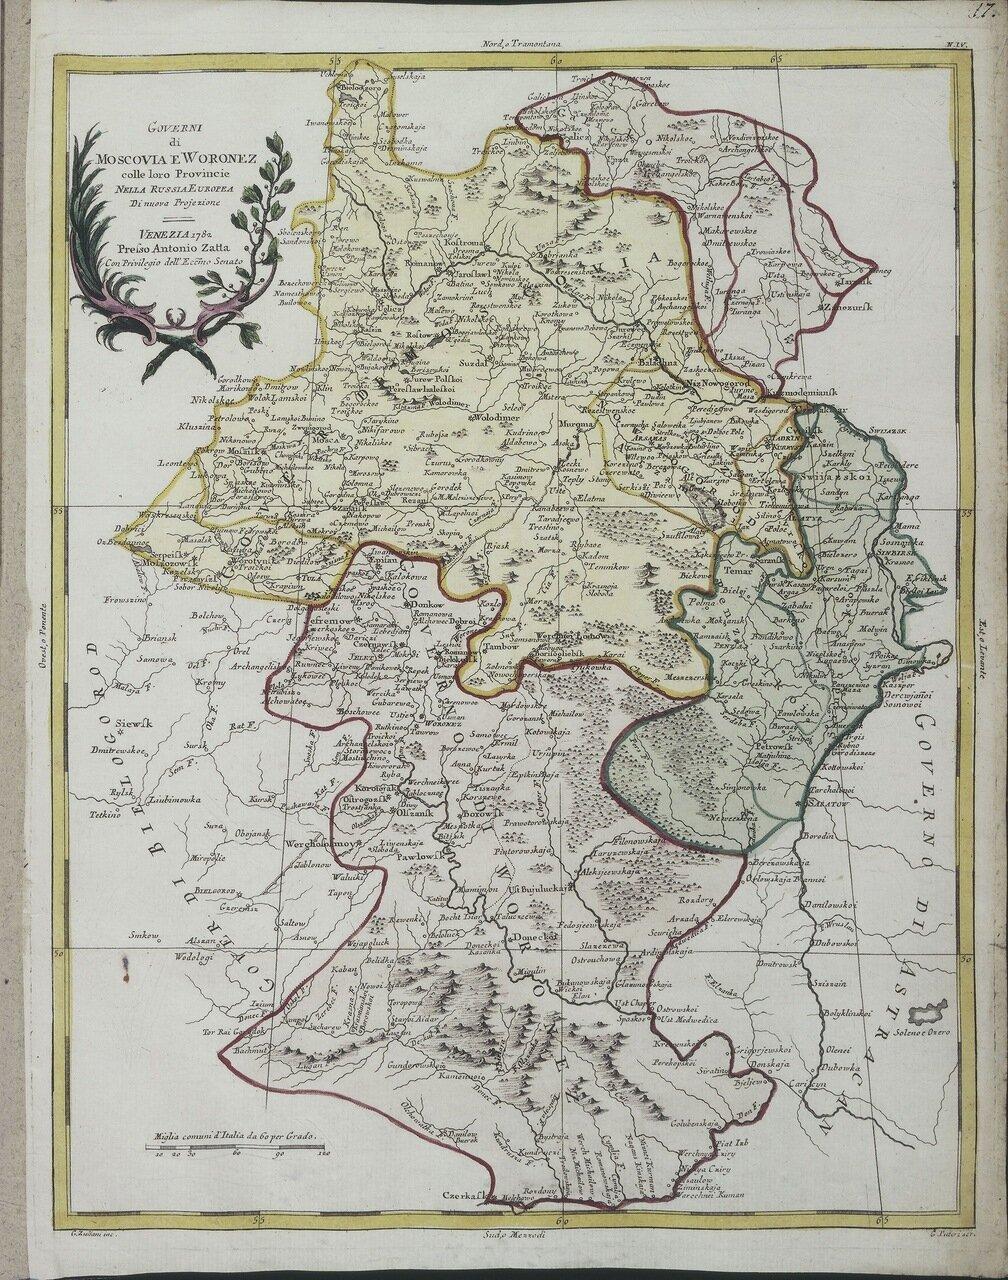 1782. Московская и Воронежская губернии в европейской части России